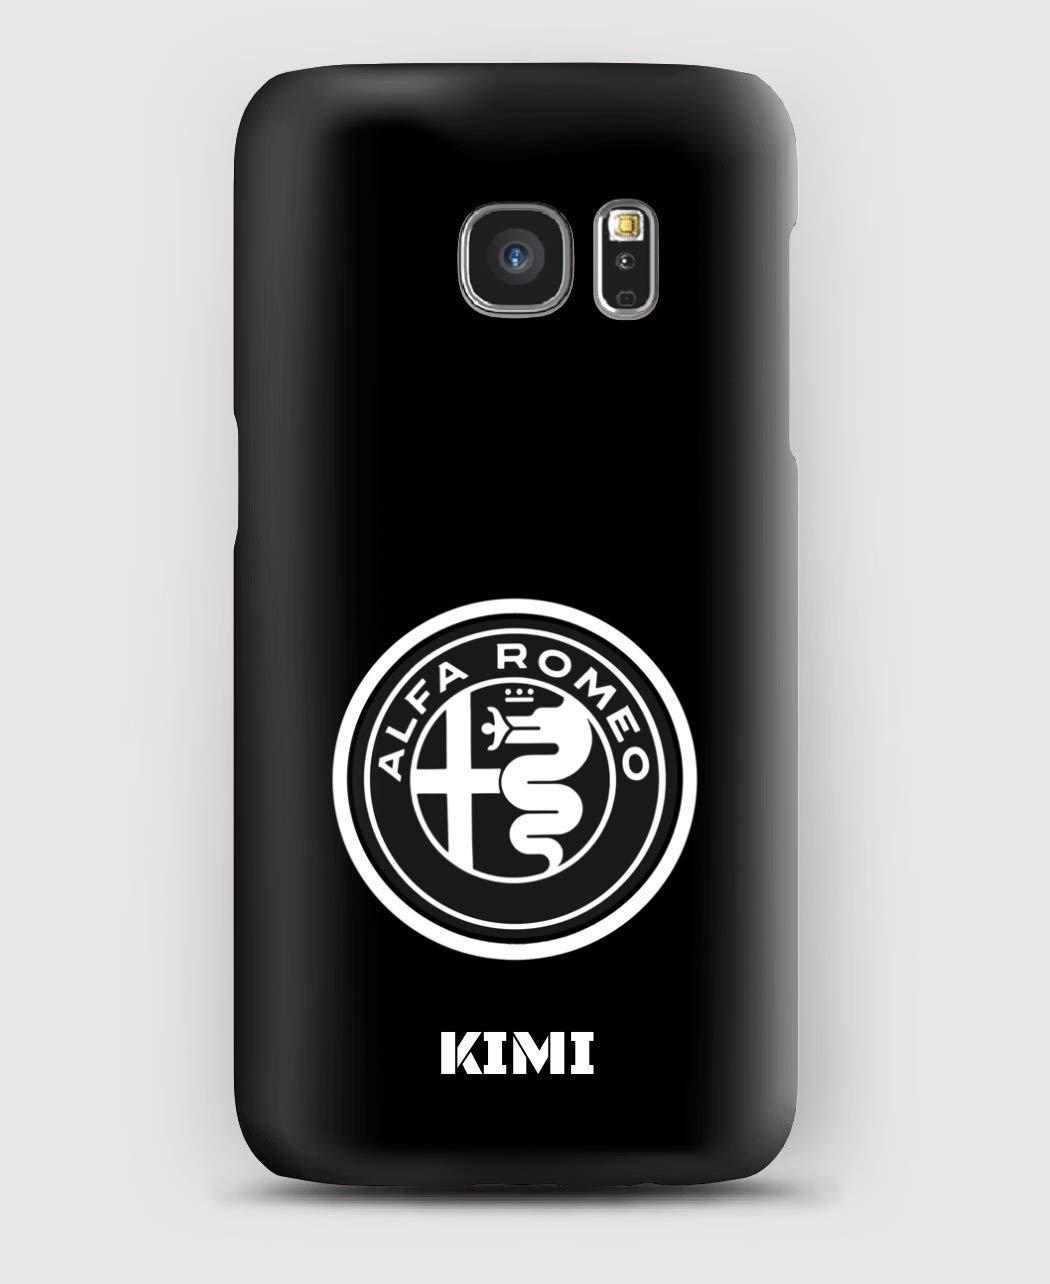 Kimi F1 Sauber Alfa Romeo, coque pour Samsung S5, S6, S7, S8, S9, A3, A5, A7,A8, J3, J5, Note 4, 5, 8,9,Grand prime,